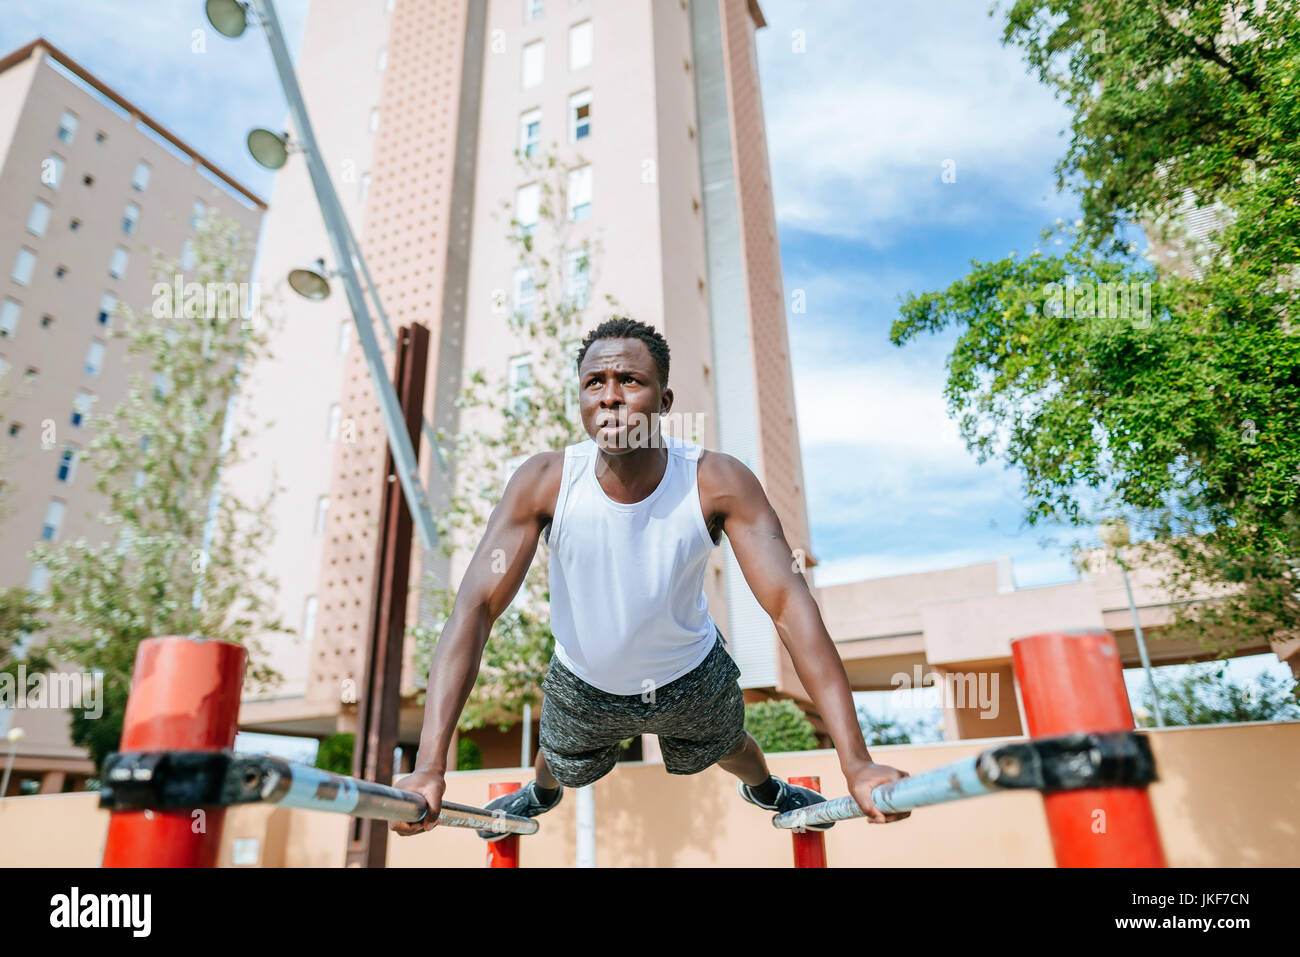 Man doing push-ups outdoors - Stock Image